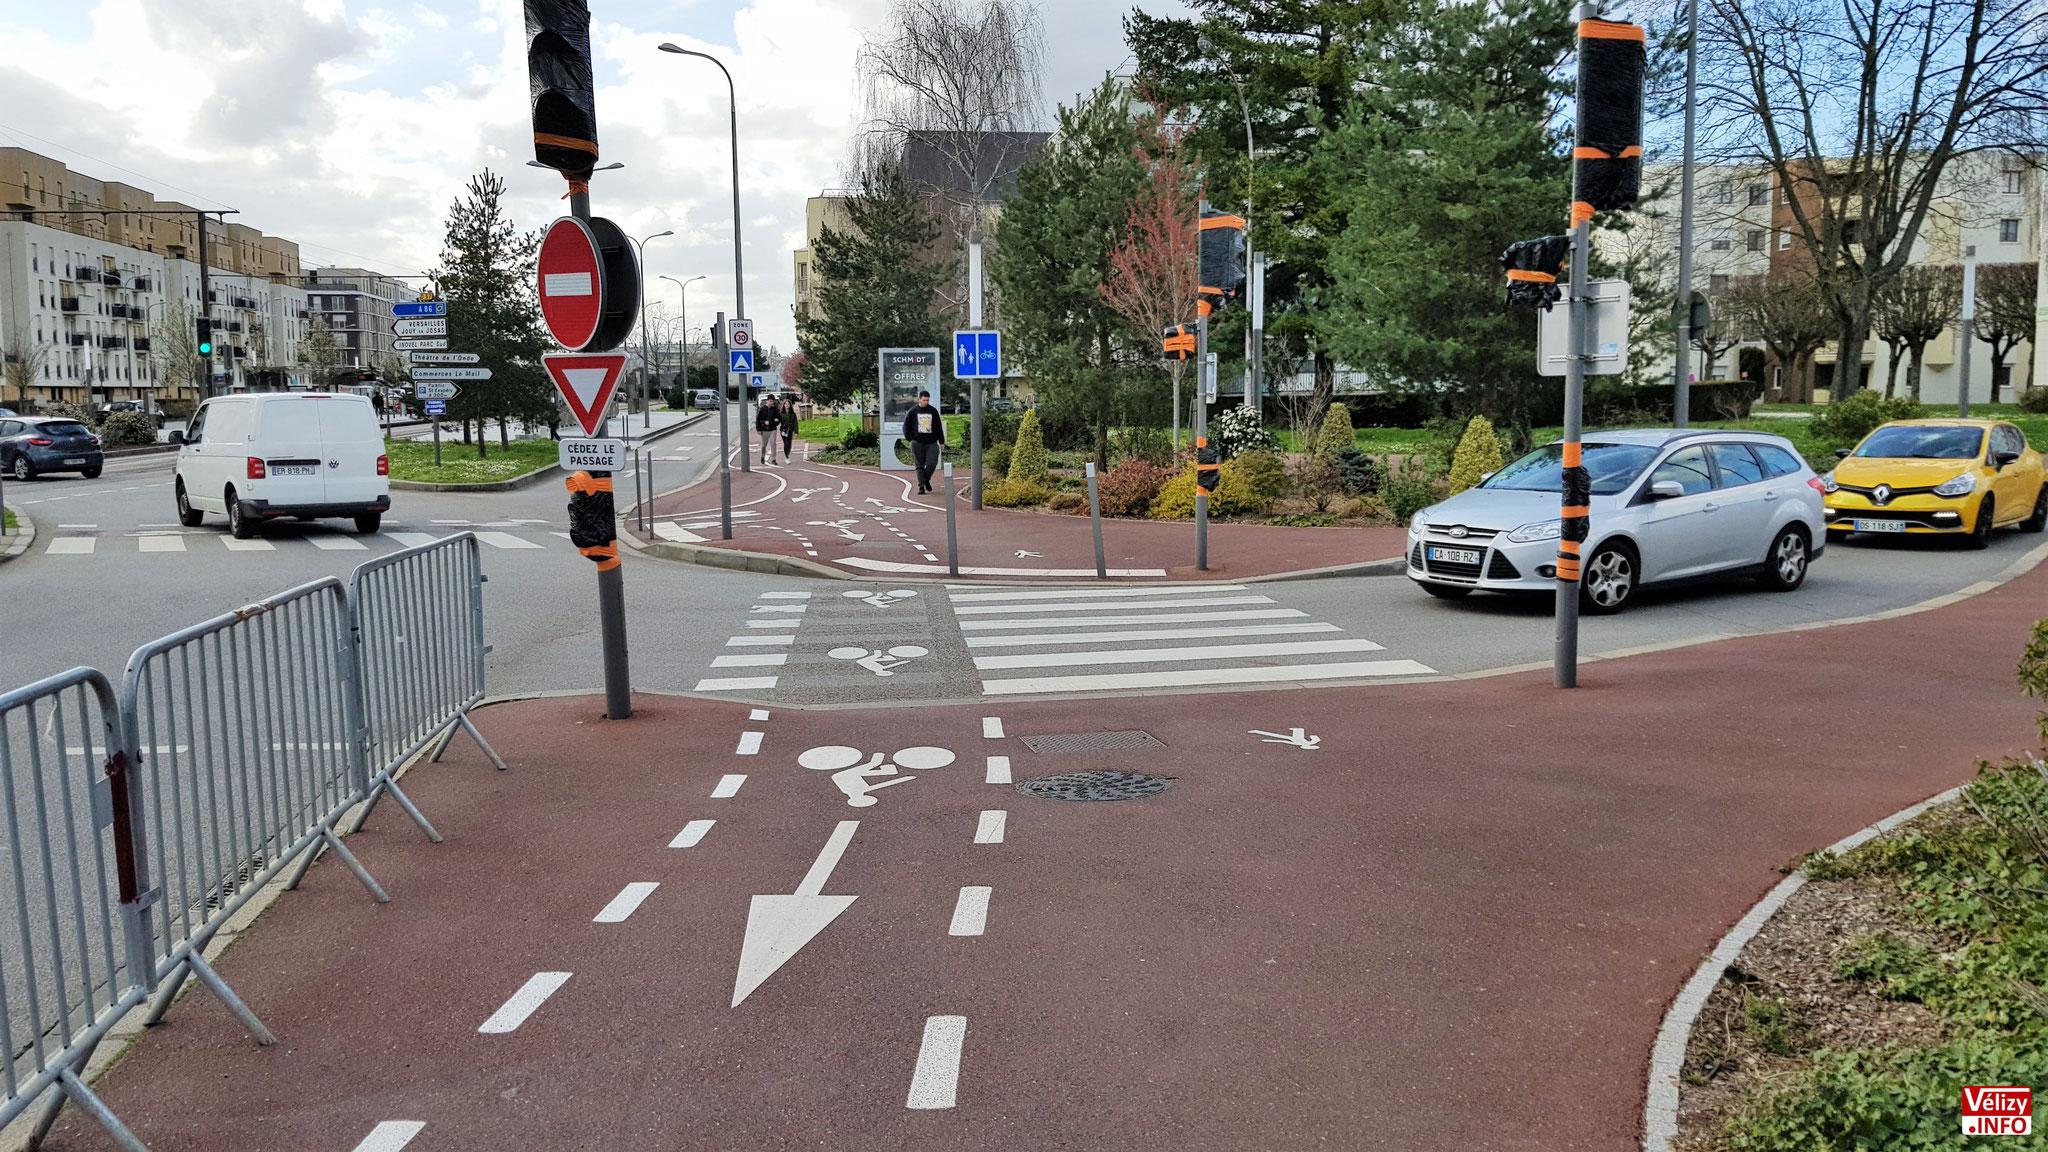 Pistes cyclables à Vélizy-Villacoublay (2020).